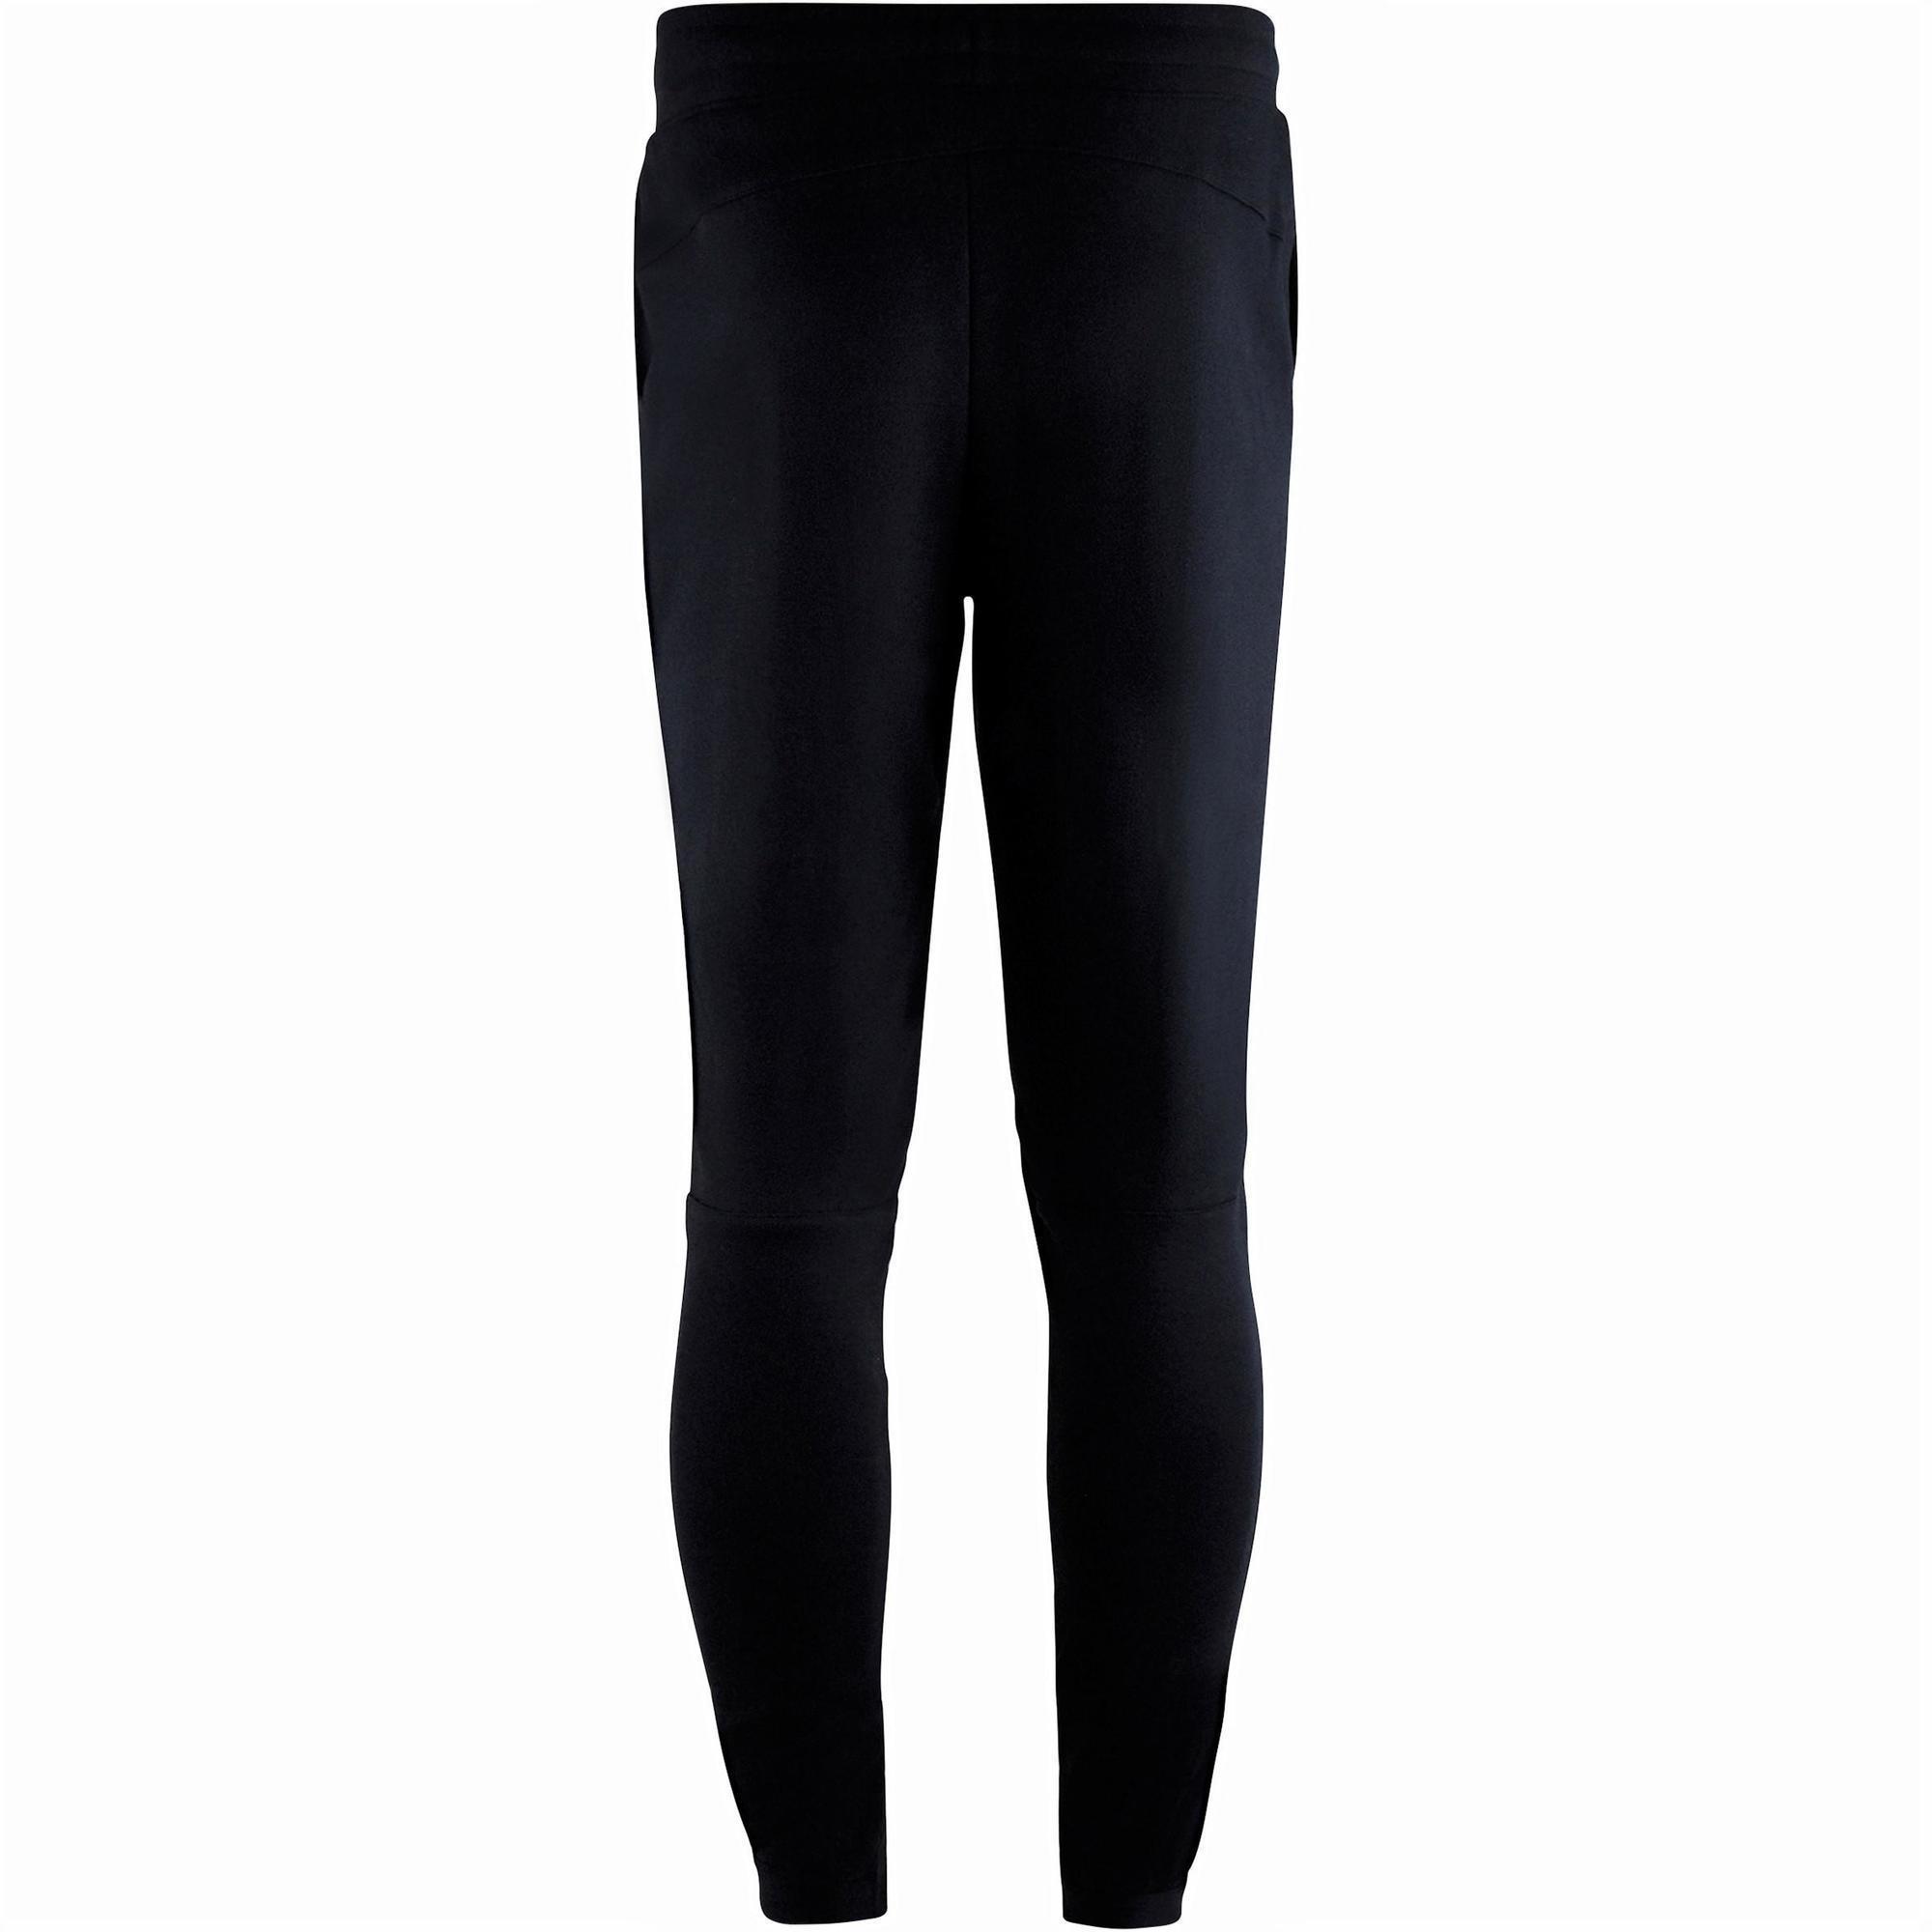 neue Sachen Neue Produkte USA billig verkaufen Lange Hosen für Kinder | Jogginghosen | DECATHLON